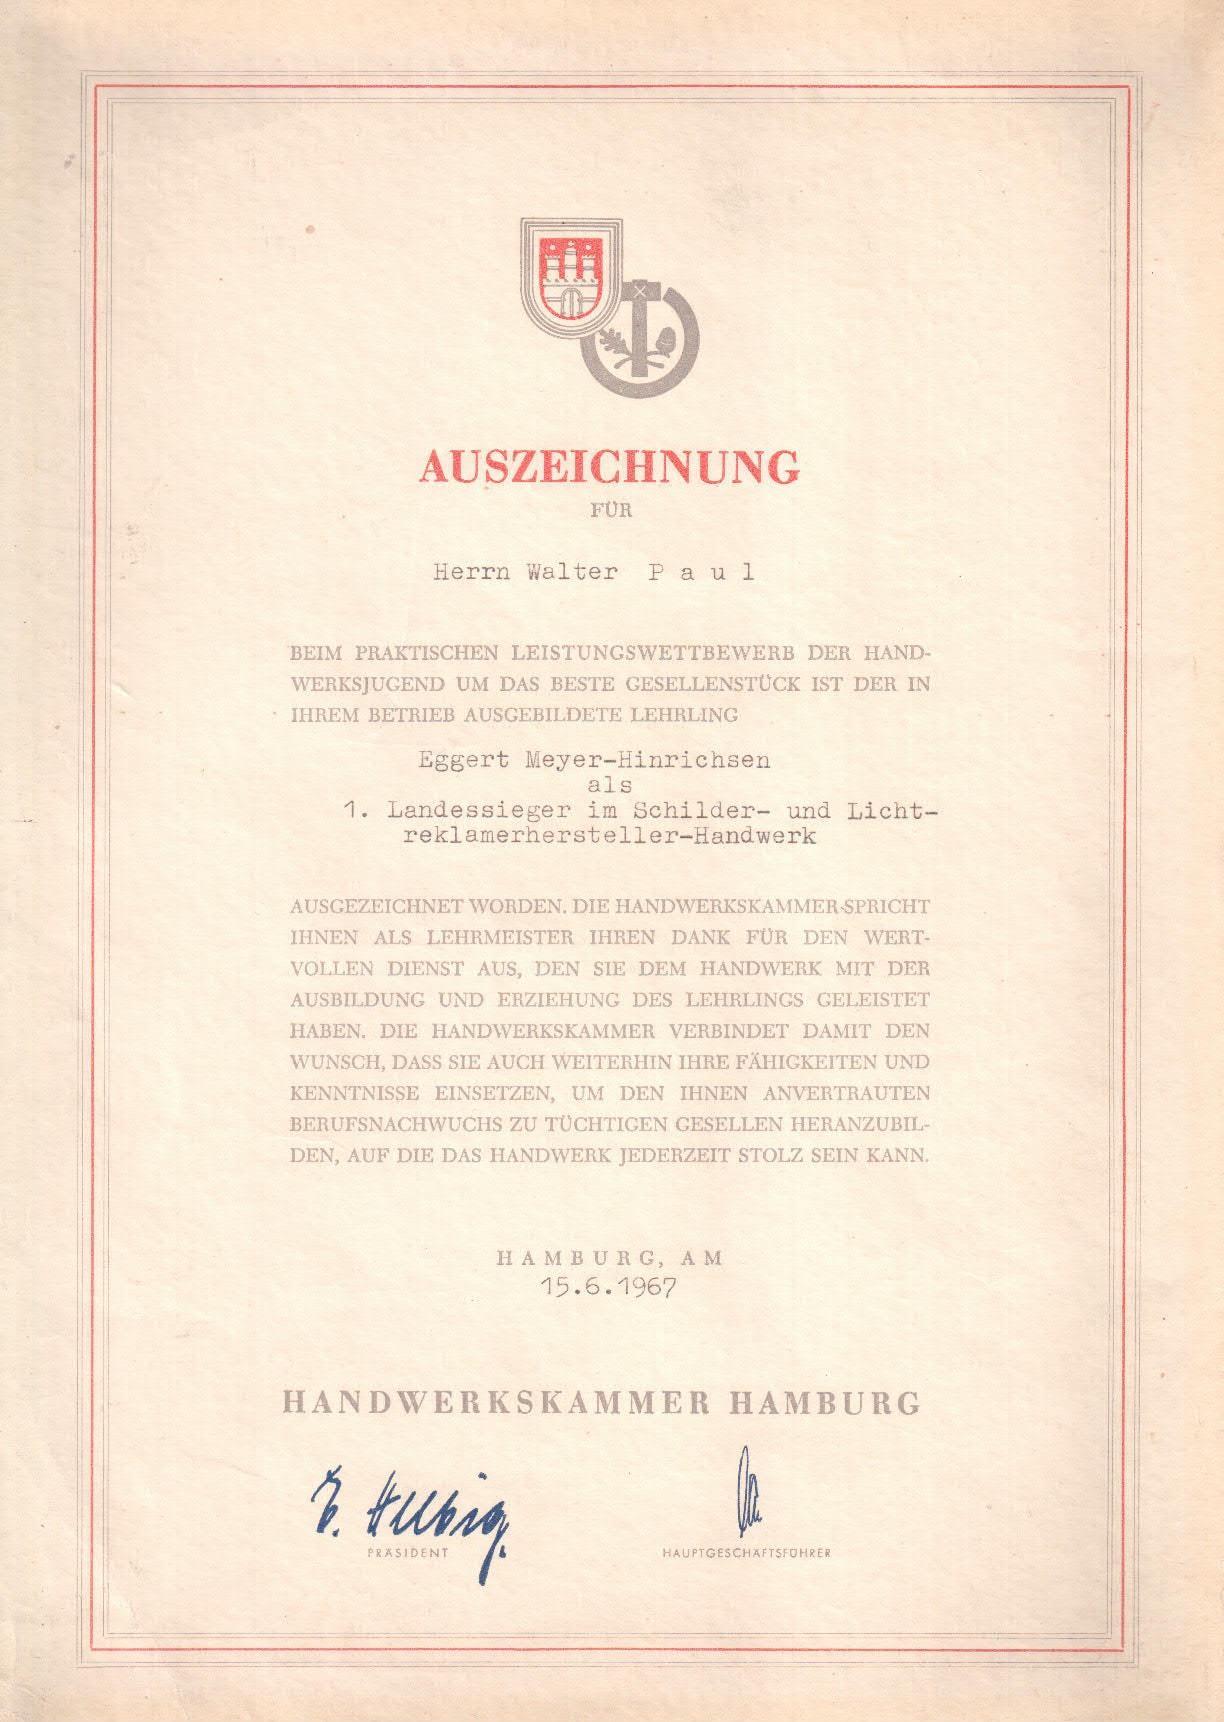 Auszeichnung 1967 1ster Platz Landessieger